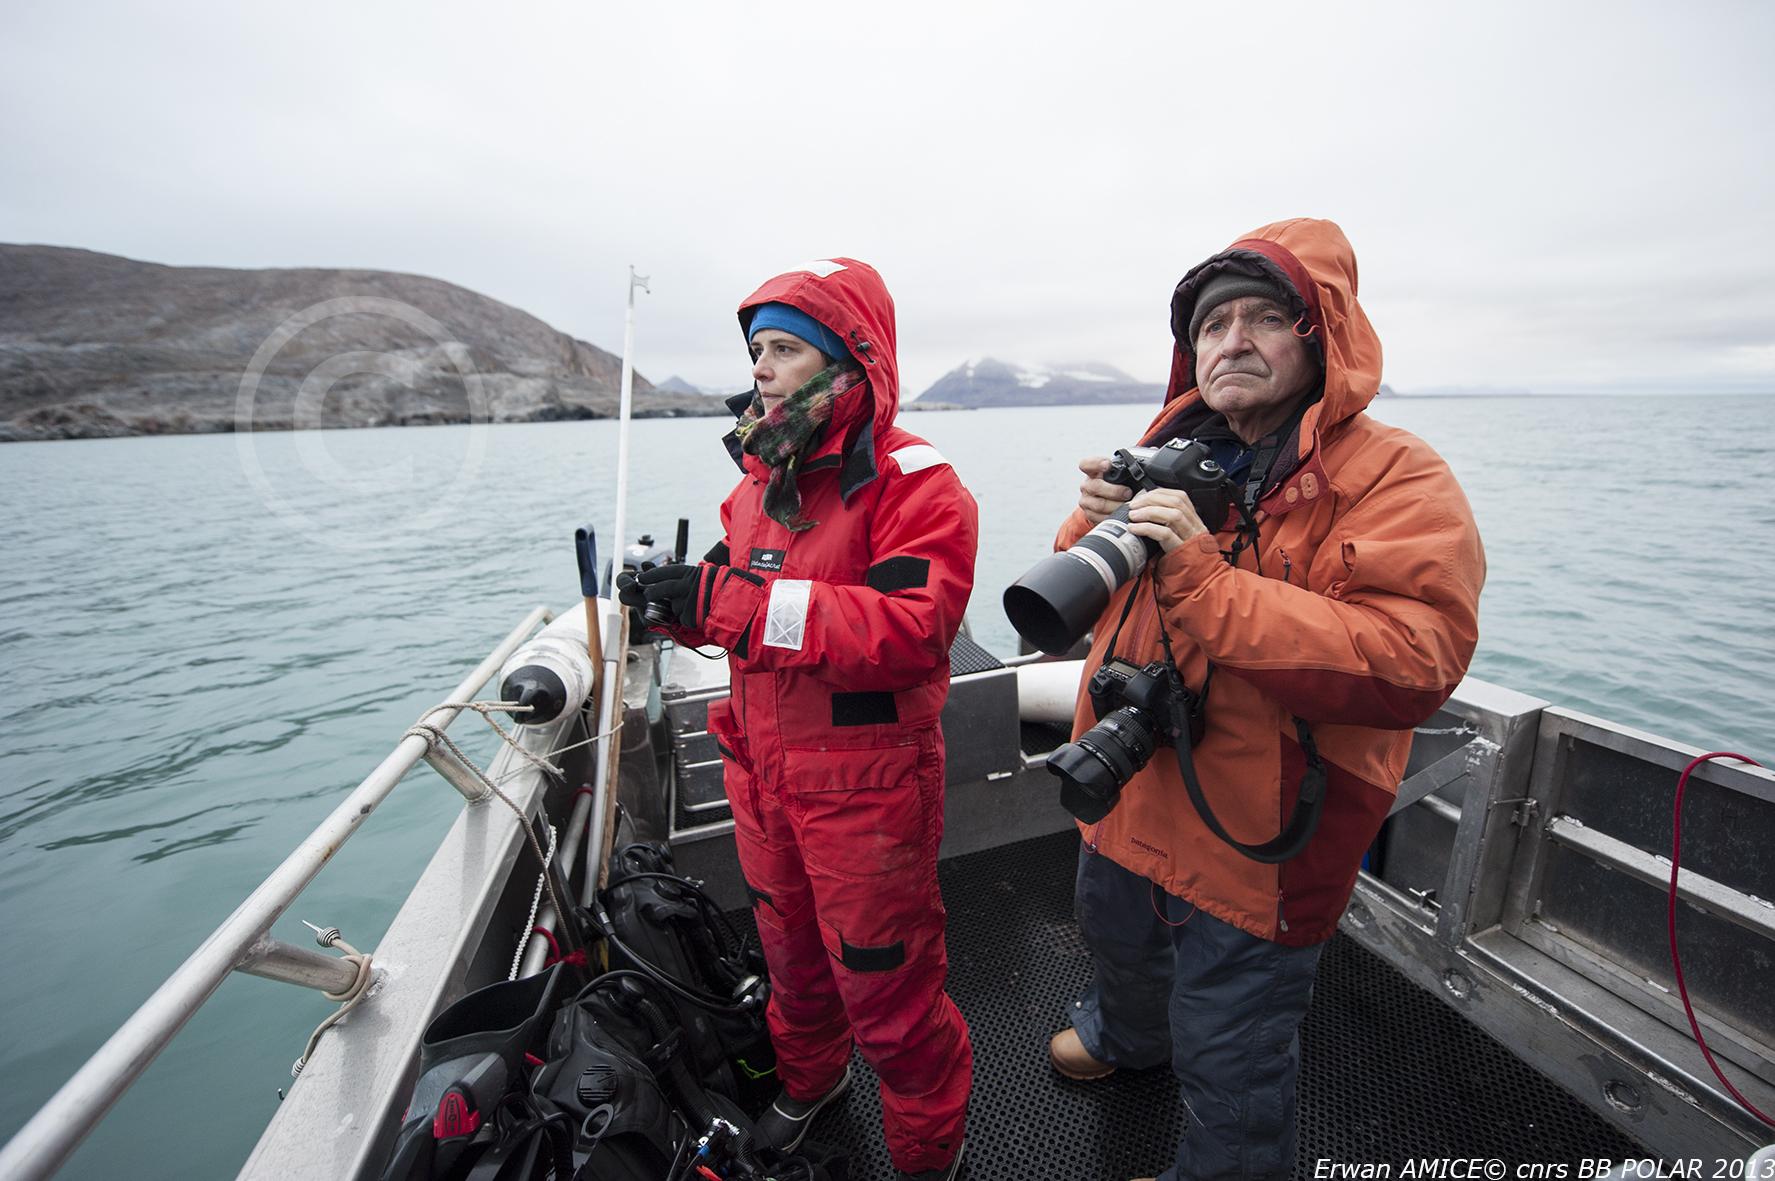 Mission à Kongsfjorden (Spitzberg) - Septembre 2013 - The artists Sandrine Paumelle & Jean Gaumy